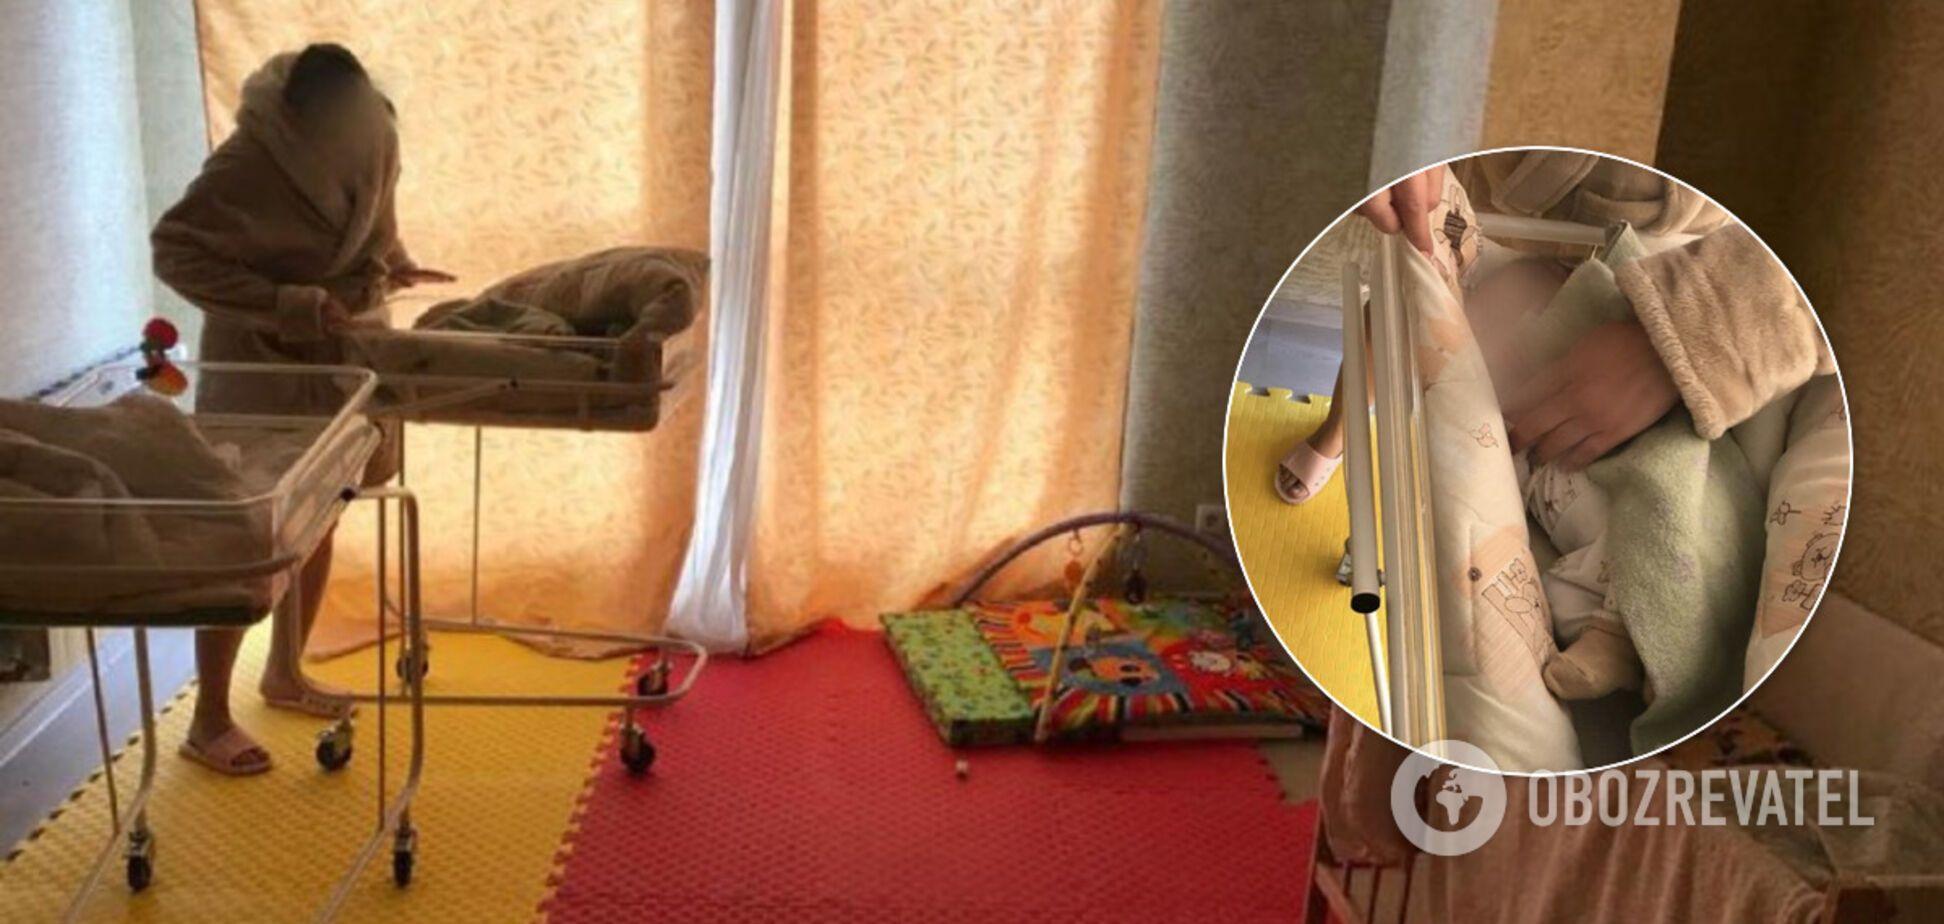 Продавали немовлят іноземцям: у Києві викрили злочинну схему 'сурогатного материнства'